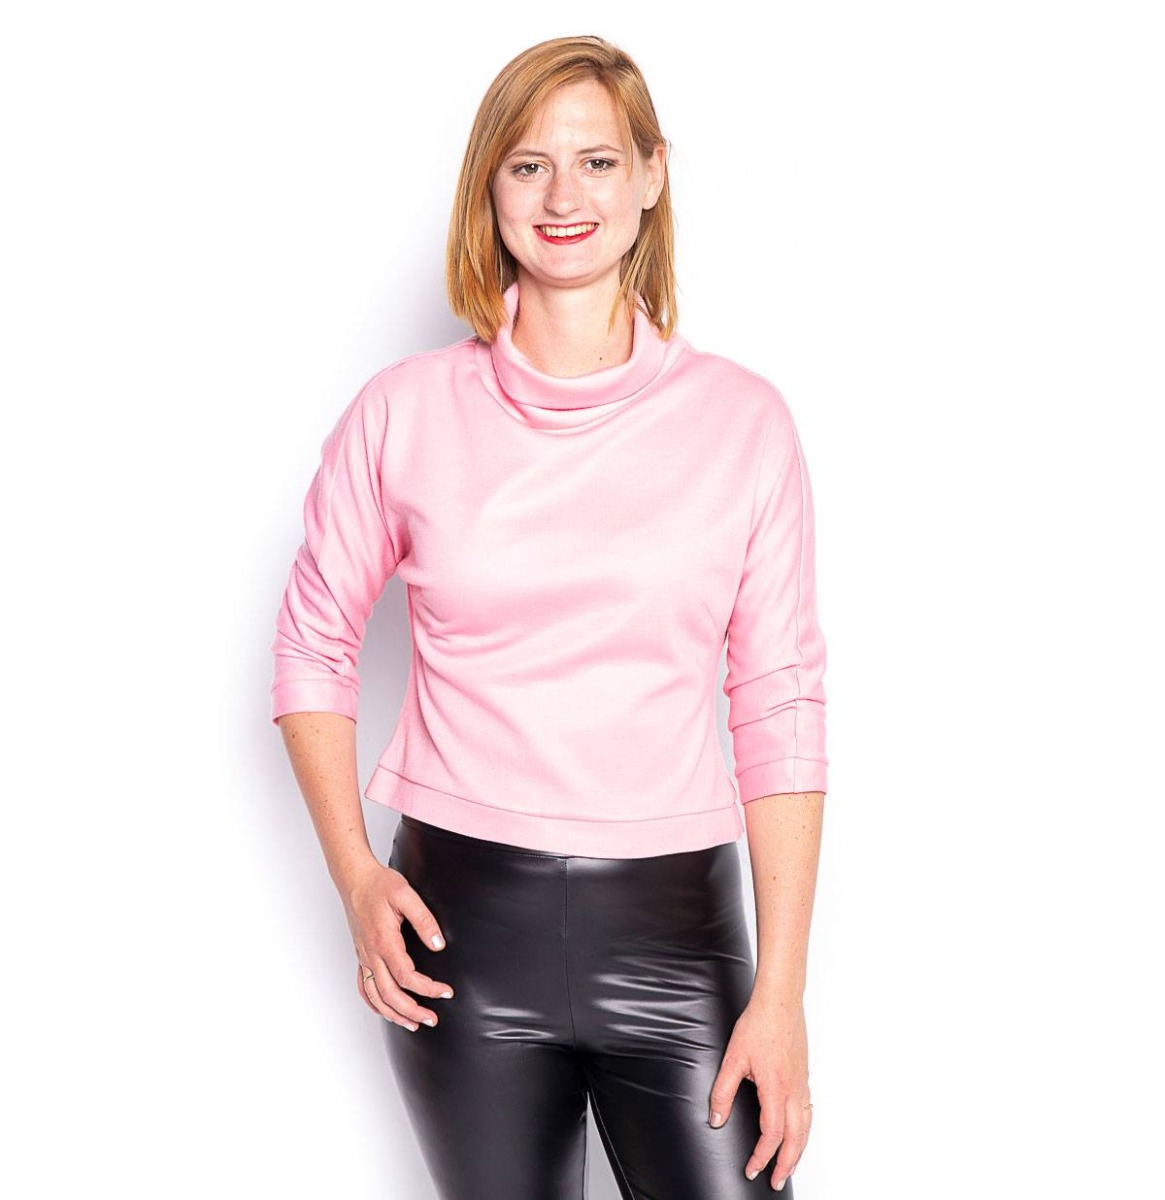 Vintage Col Top Pink - L